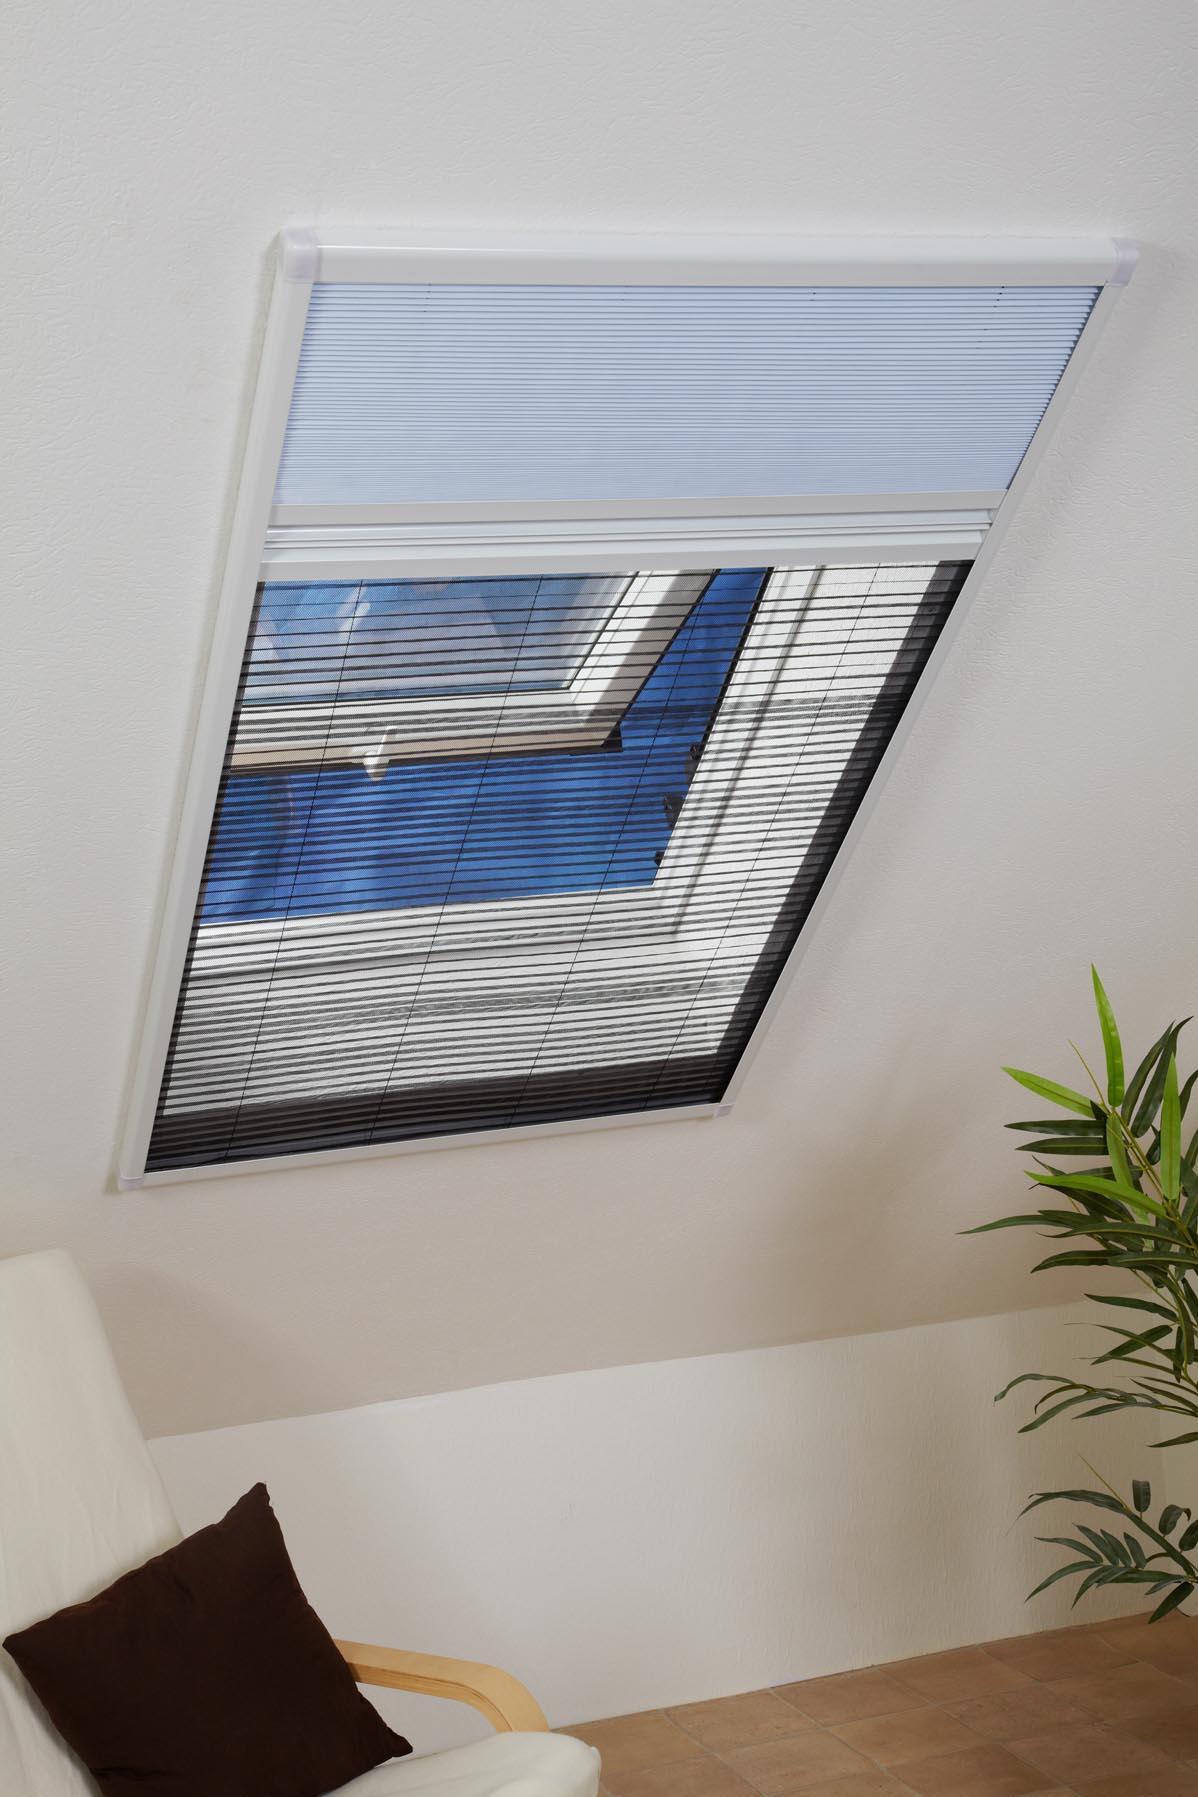 kombi dachfenster plissee sonnenschutz fliegengitter. Black Bedroom Furniture Sets. Home Design Ideas